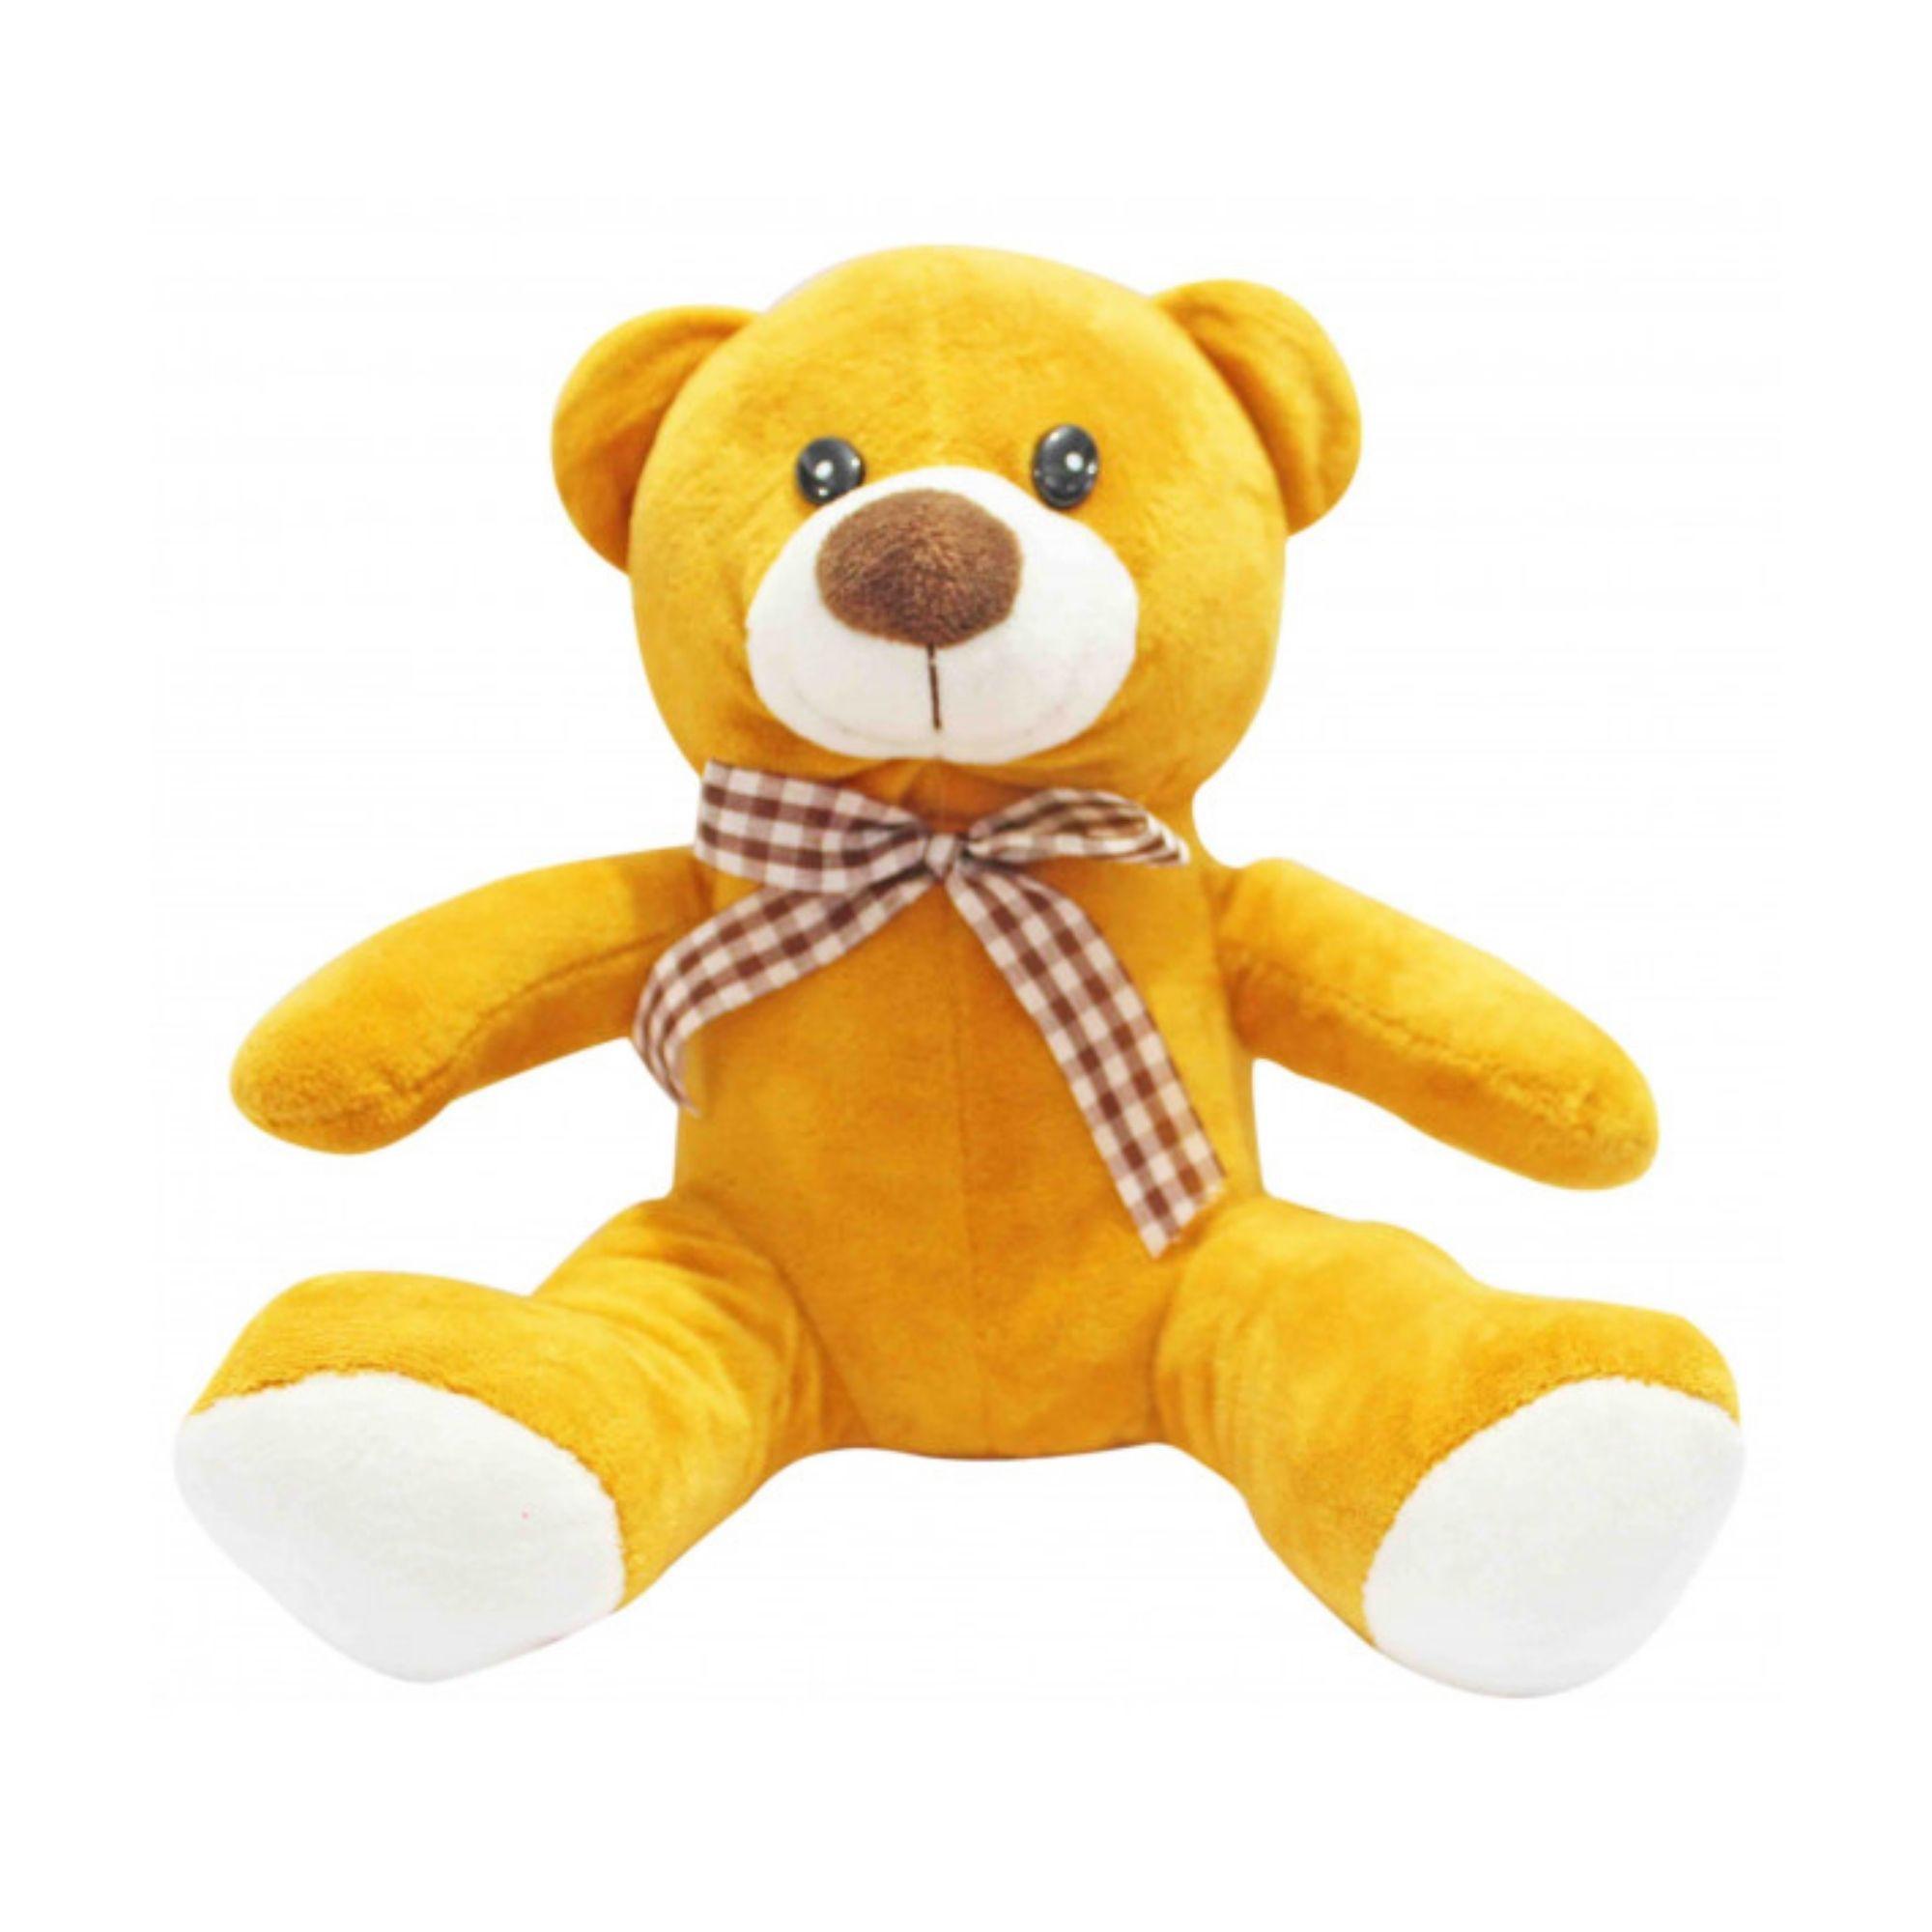 Urso de Pelucia Caramelo com Laço Xadrez  - Game Land Brinquedos